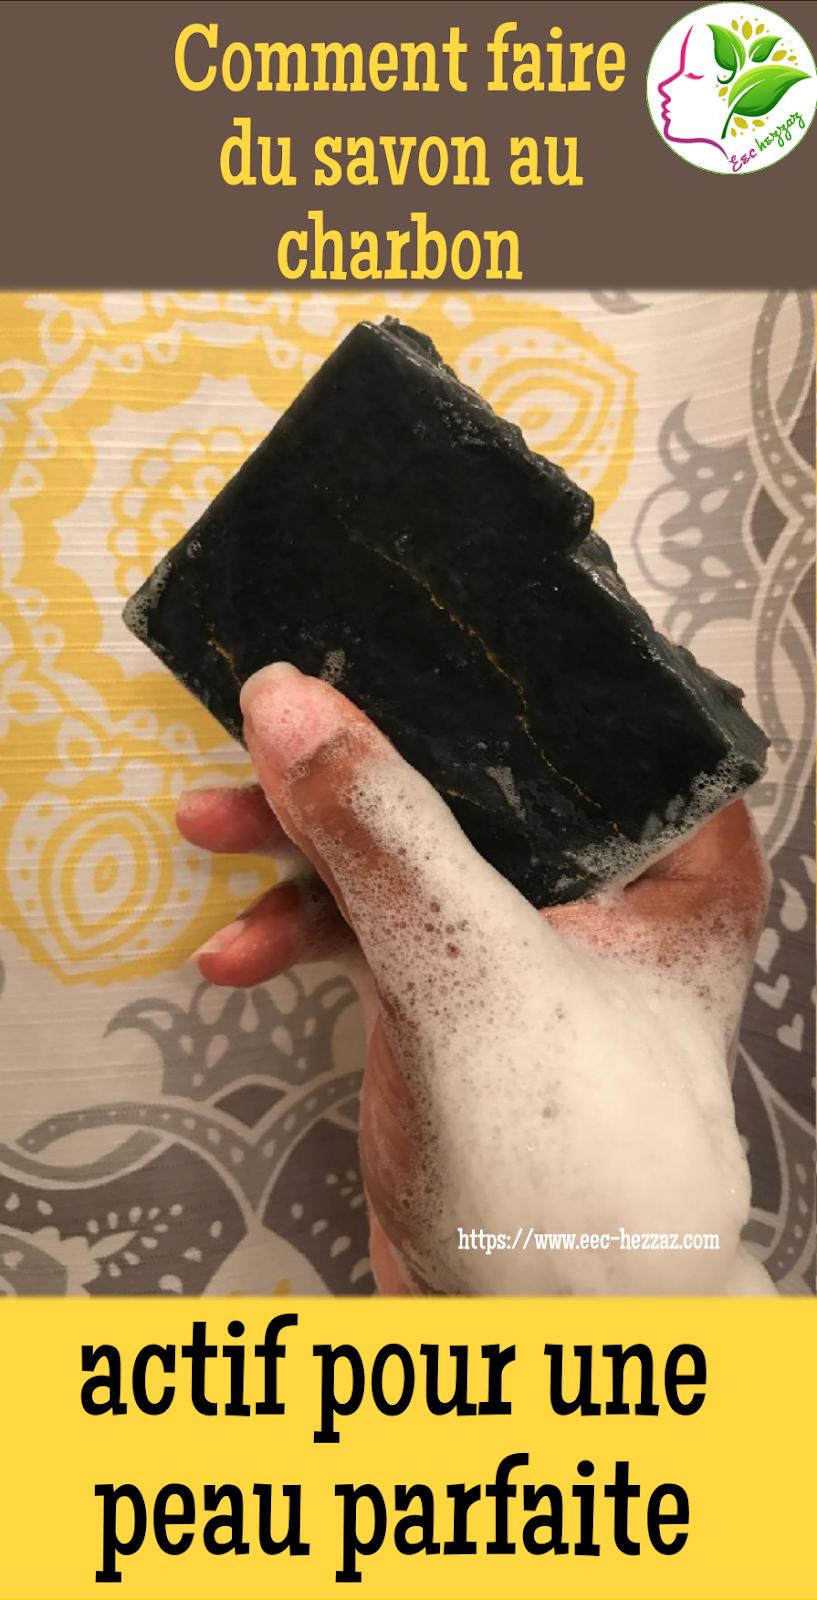 Comment faire du savon au charbon actif pour une peau parfaite